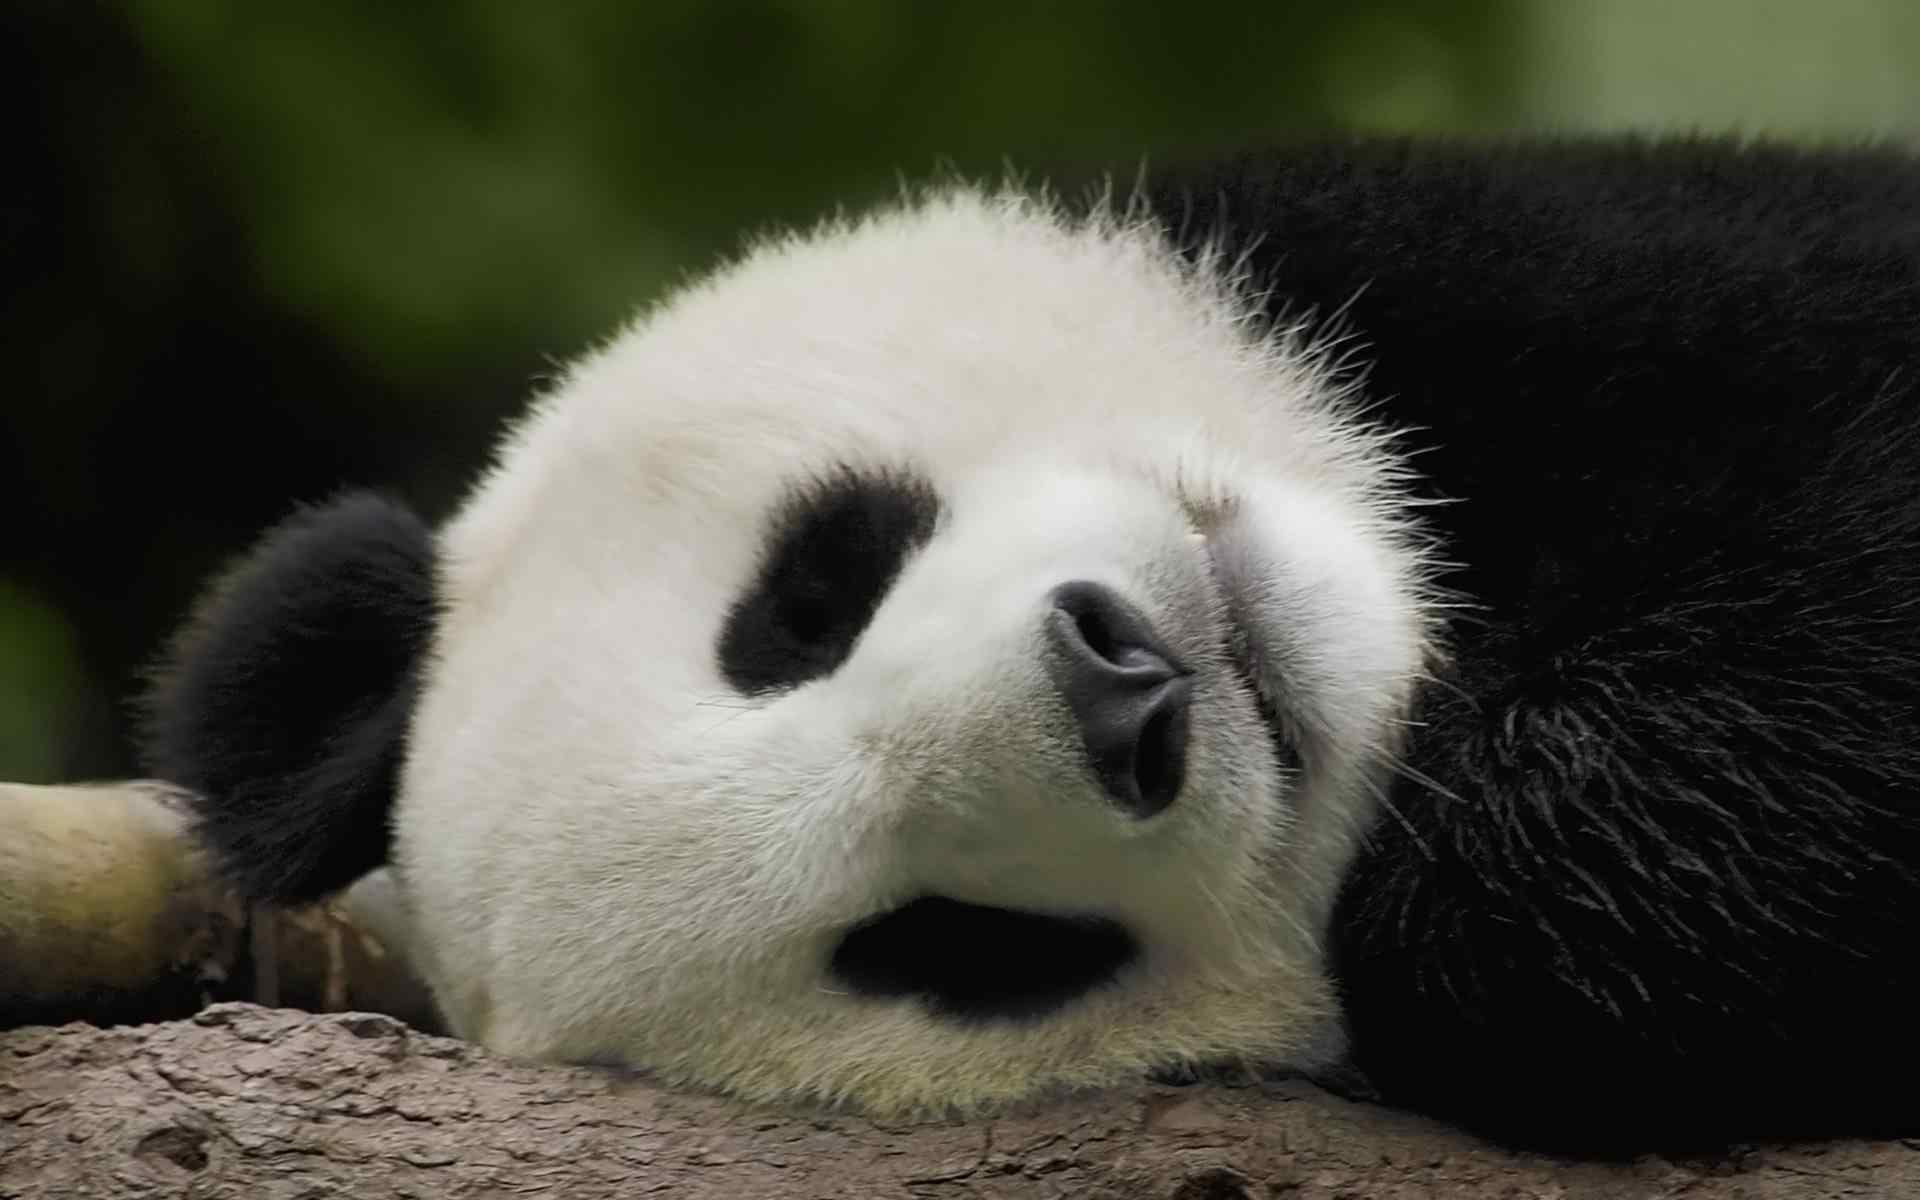 国宝熊猫憨态可掬呆萌治愈高清桌面壁纸